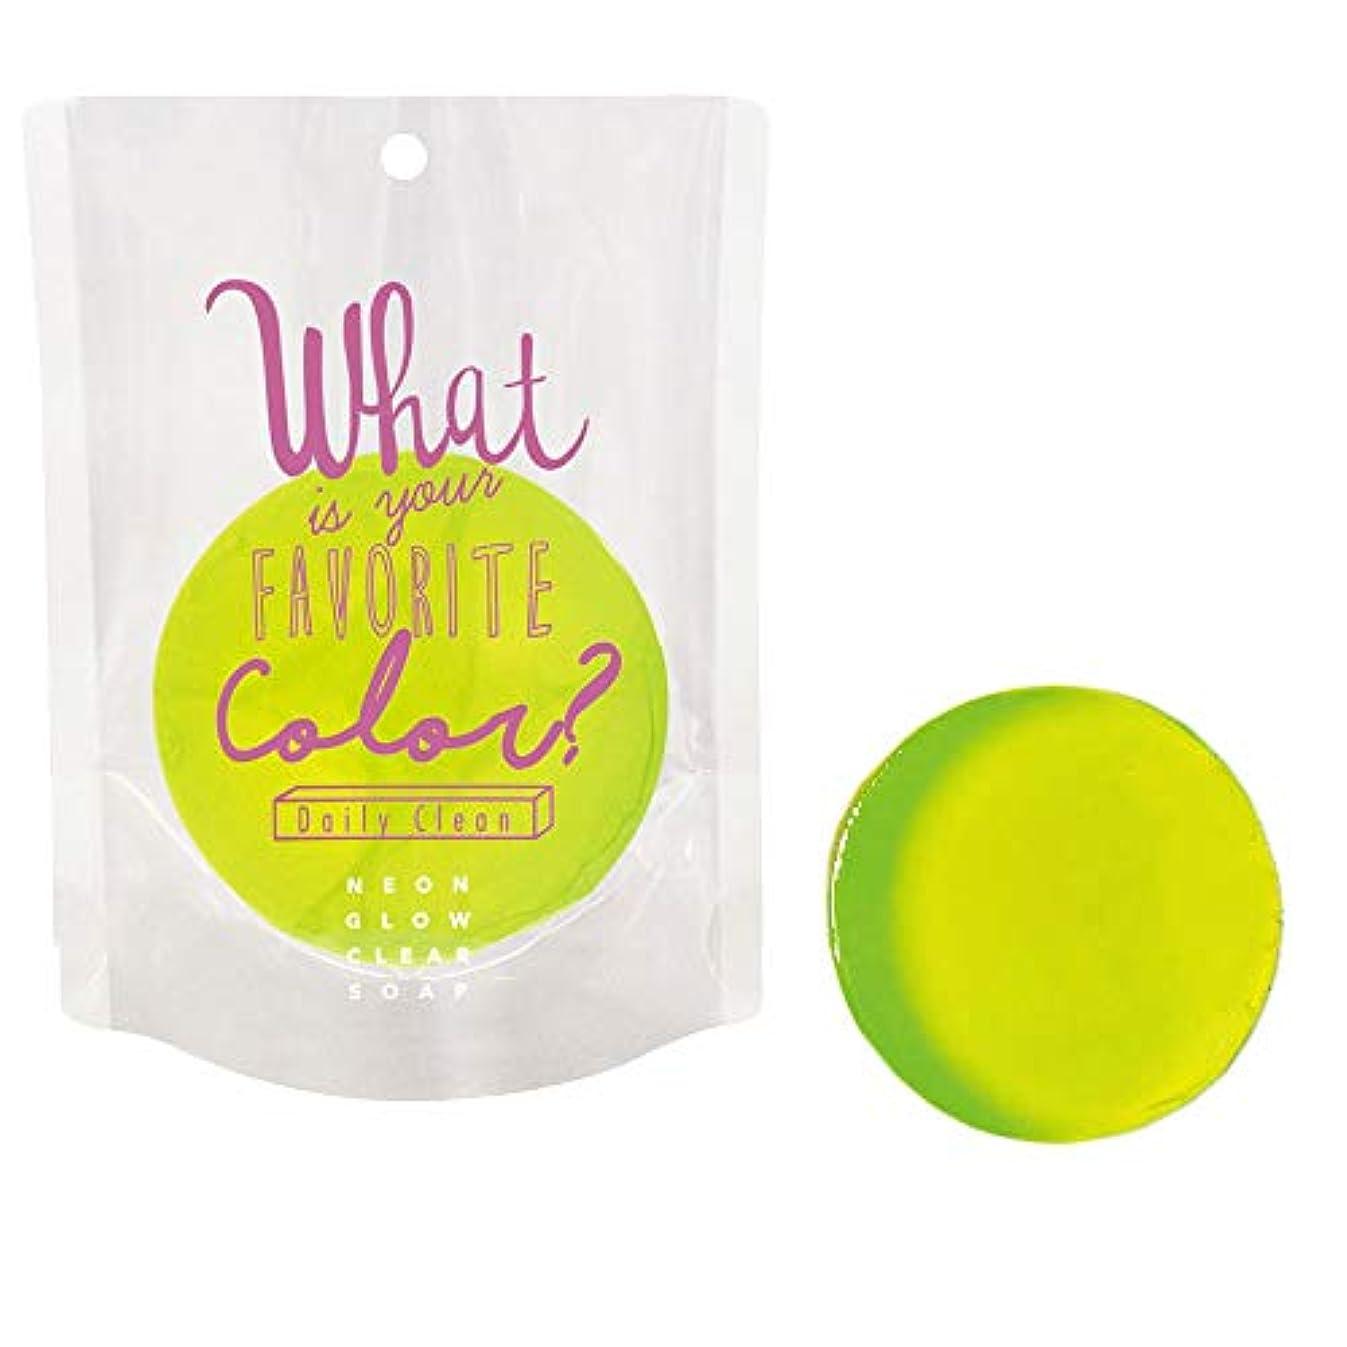 改修繁雑喜びネオングロークリアソープ ob-ngw-2-1-4(02/パパイヤ) Neon Glow Clear Soap 石鹸 ノルコーポレーション 固形 せっけん カラフル 香り 清潔 ギフト プレゼント